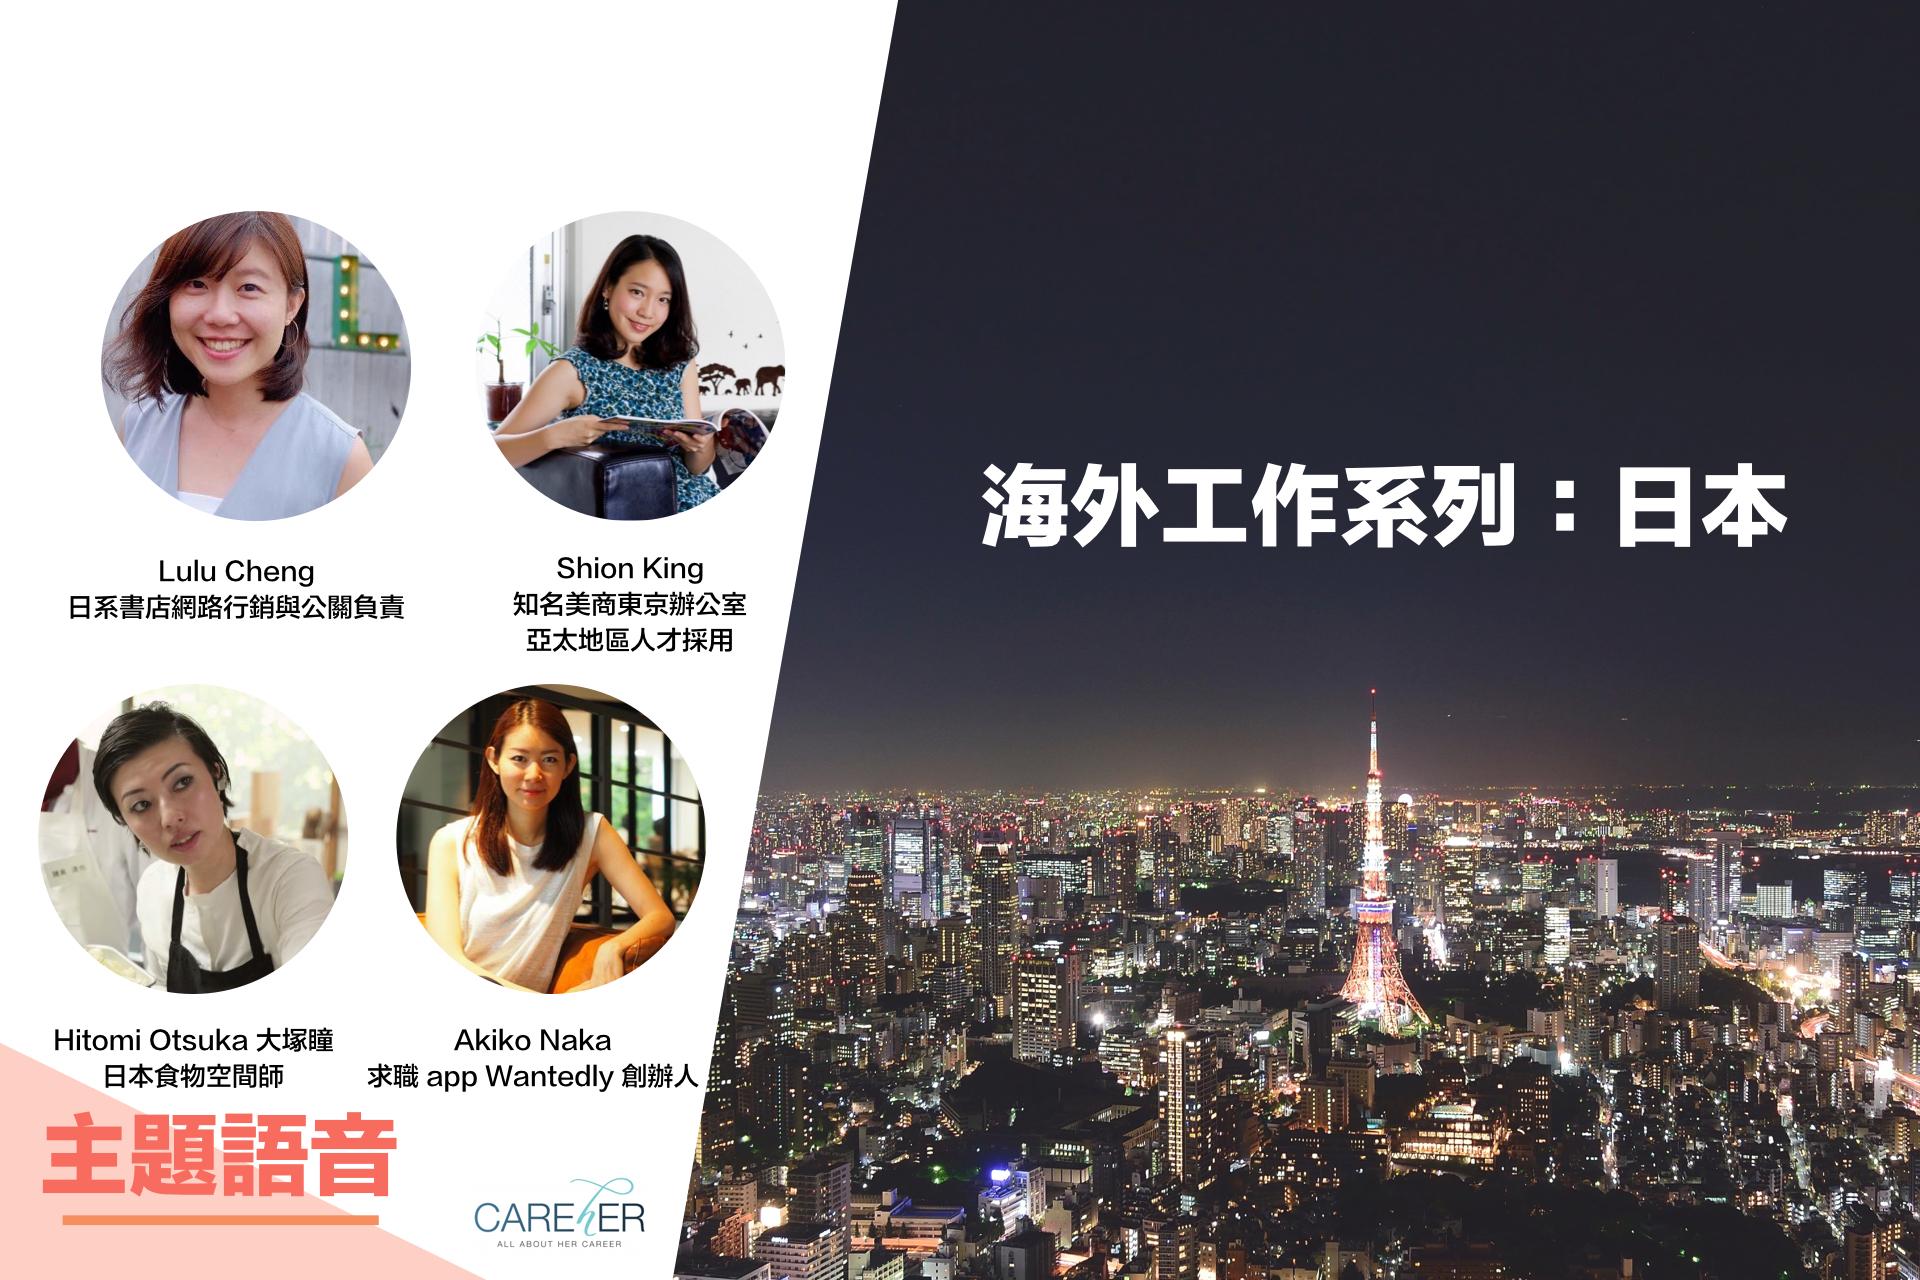 她們,都在日本工作:招募專家、求職 app 創辦人、個人工作者、行銷與公關領域